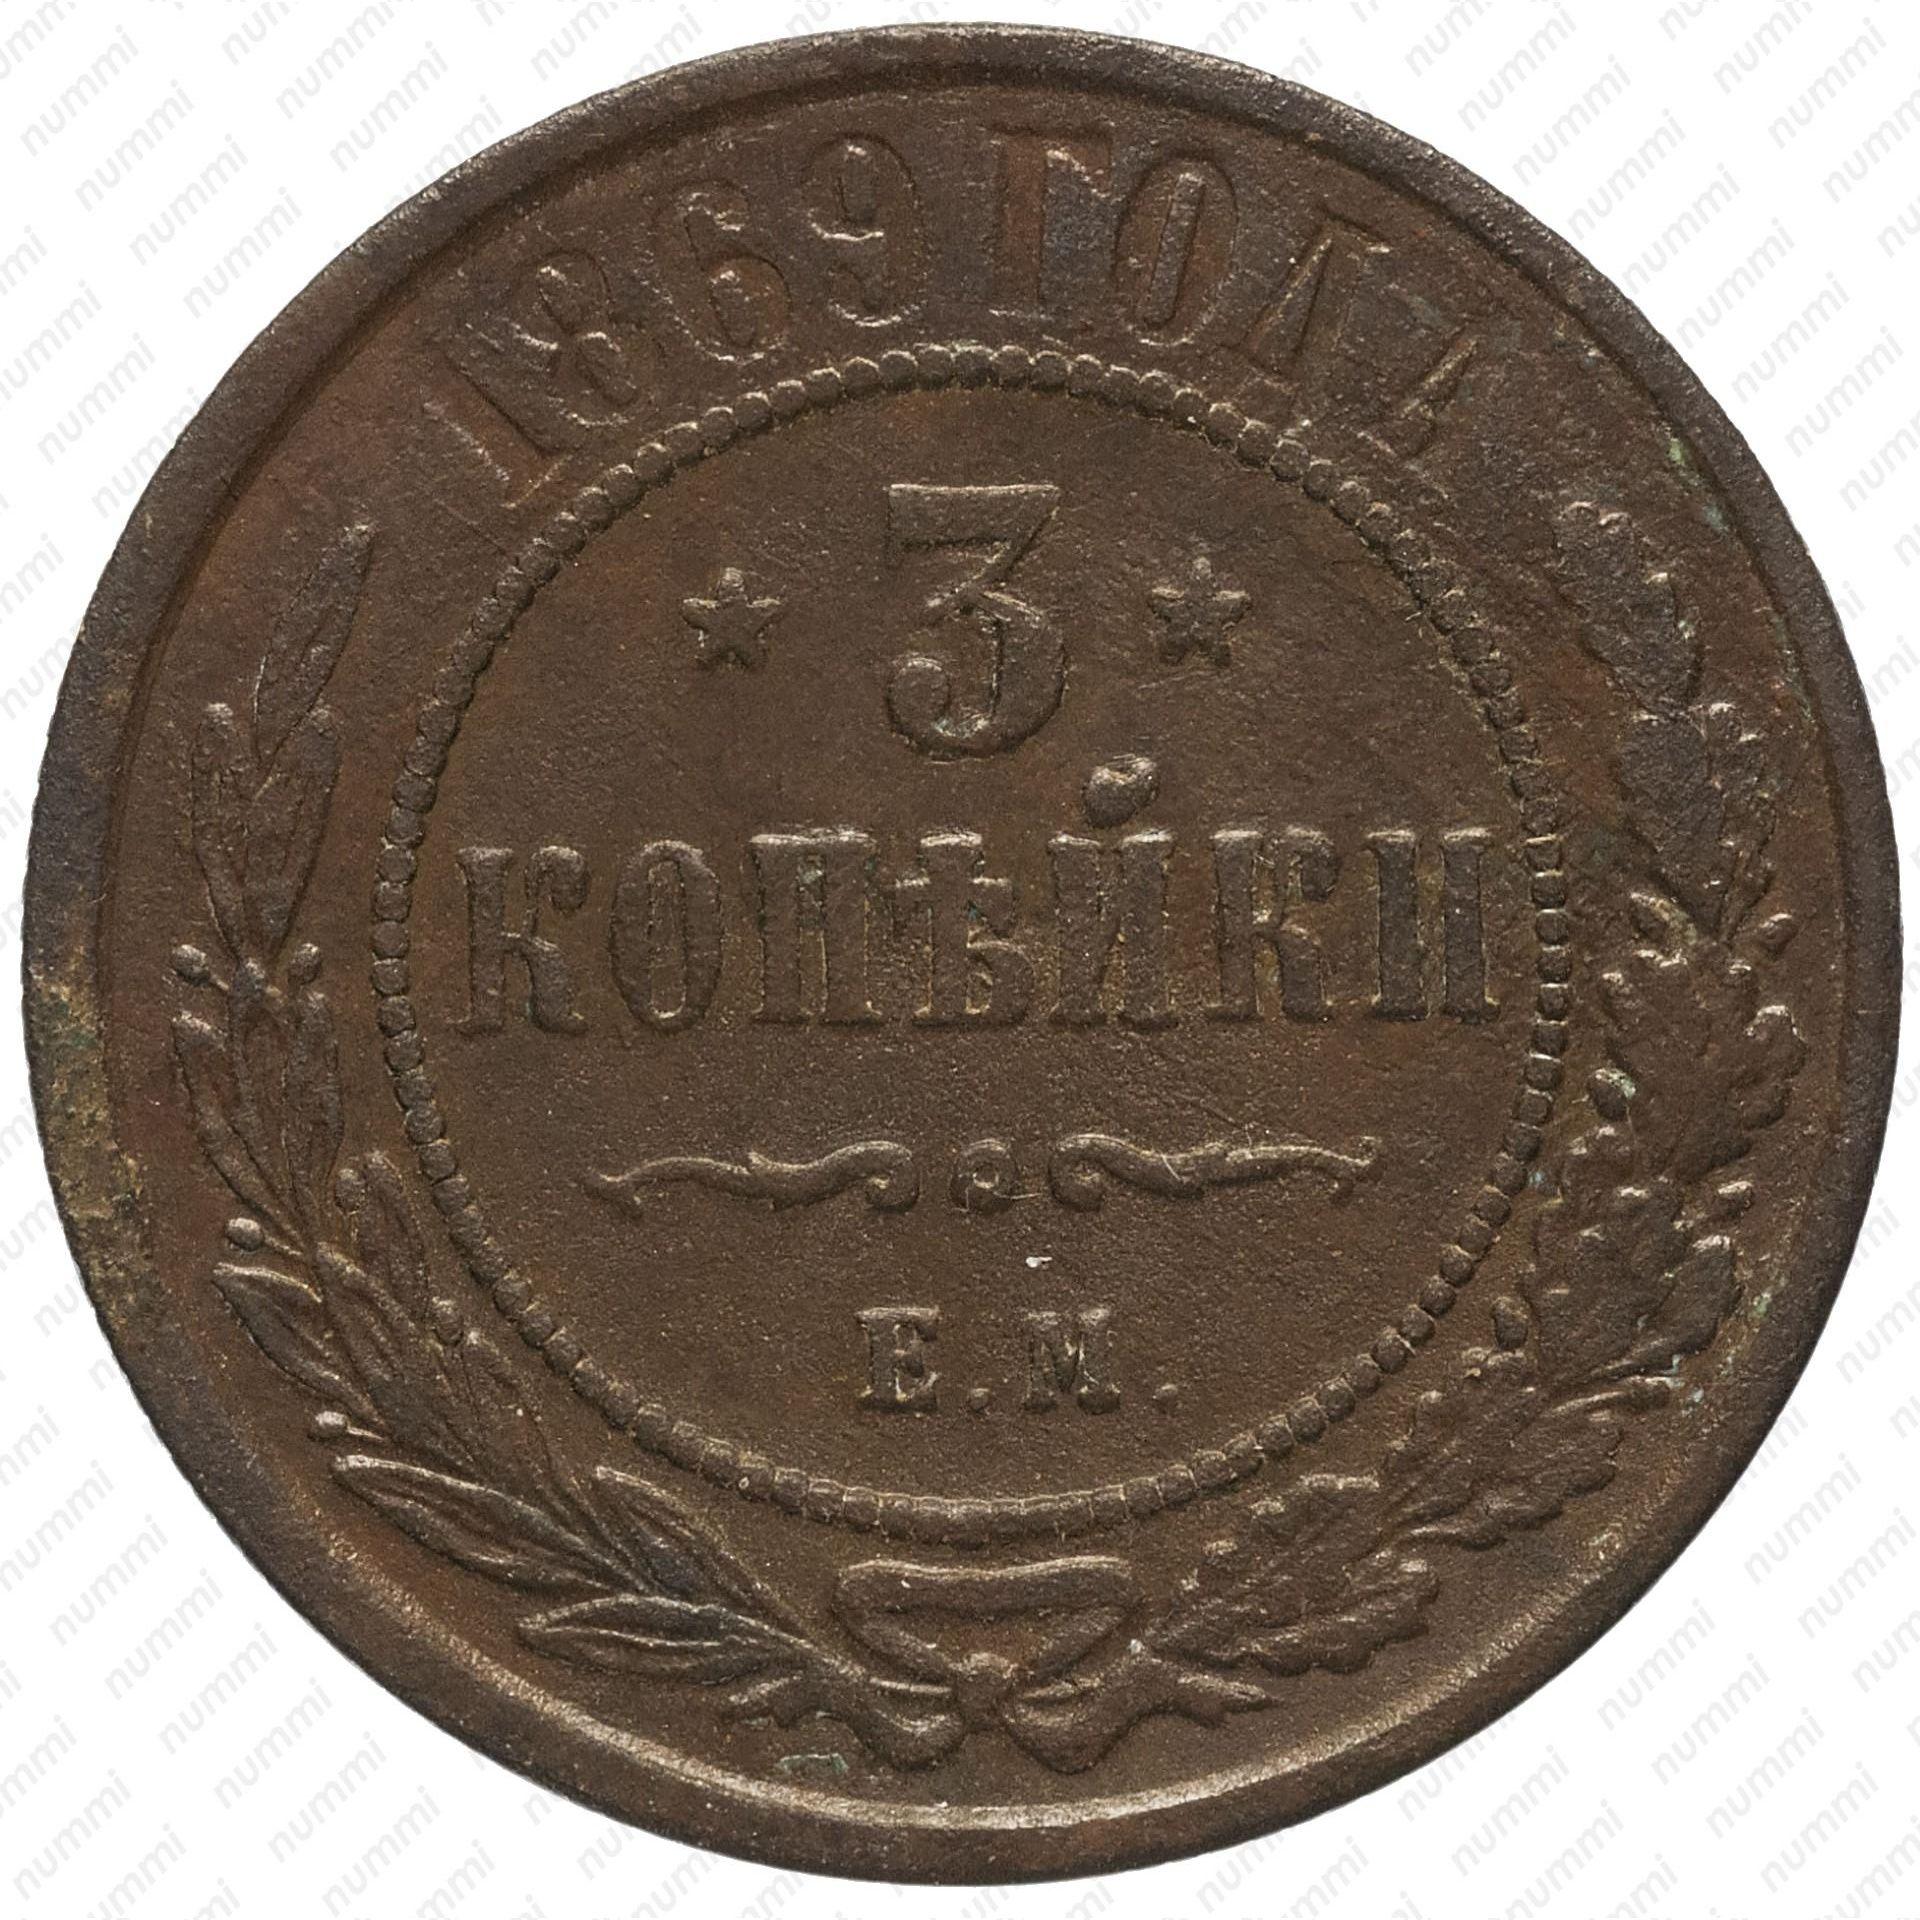 3 копейки 1869, ЕМ - Реверс ...